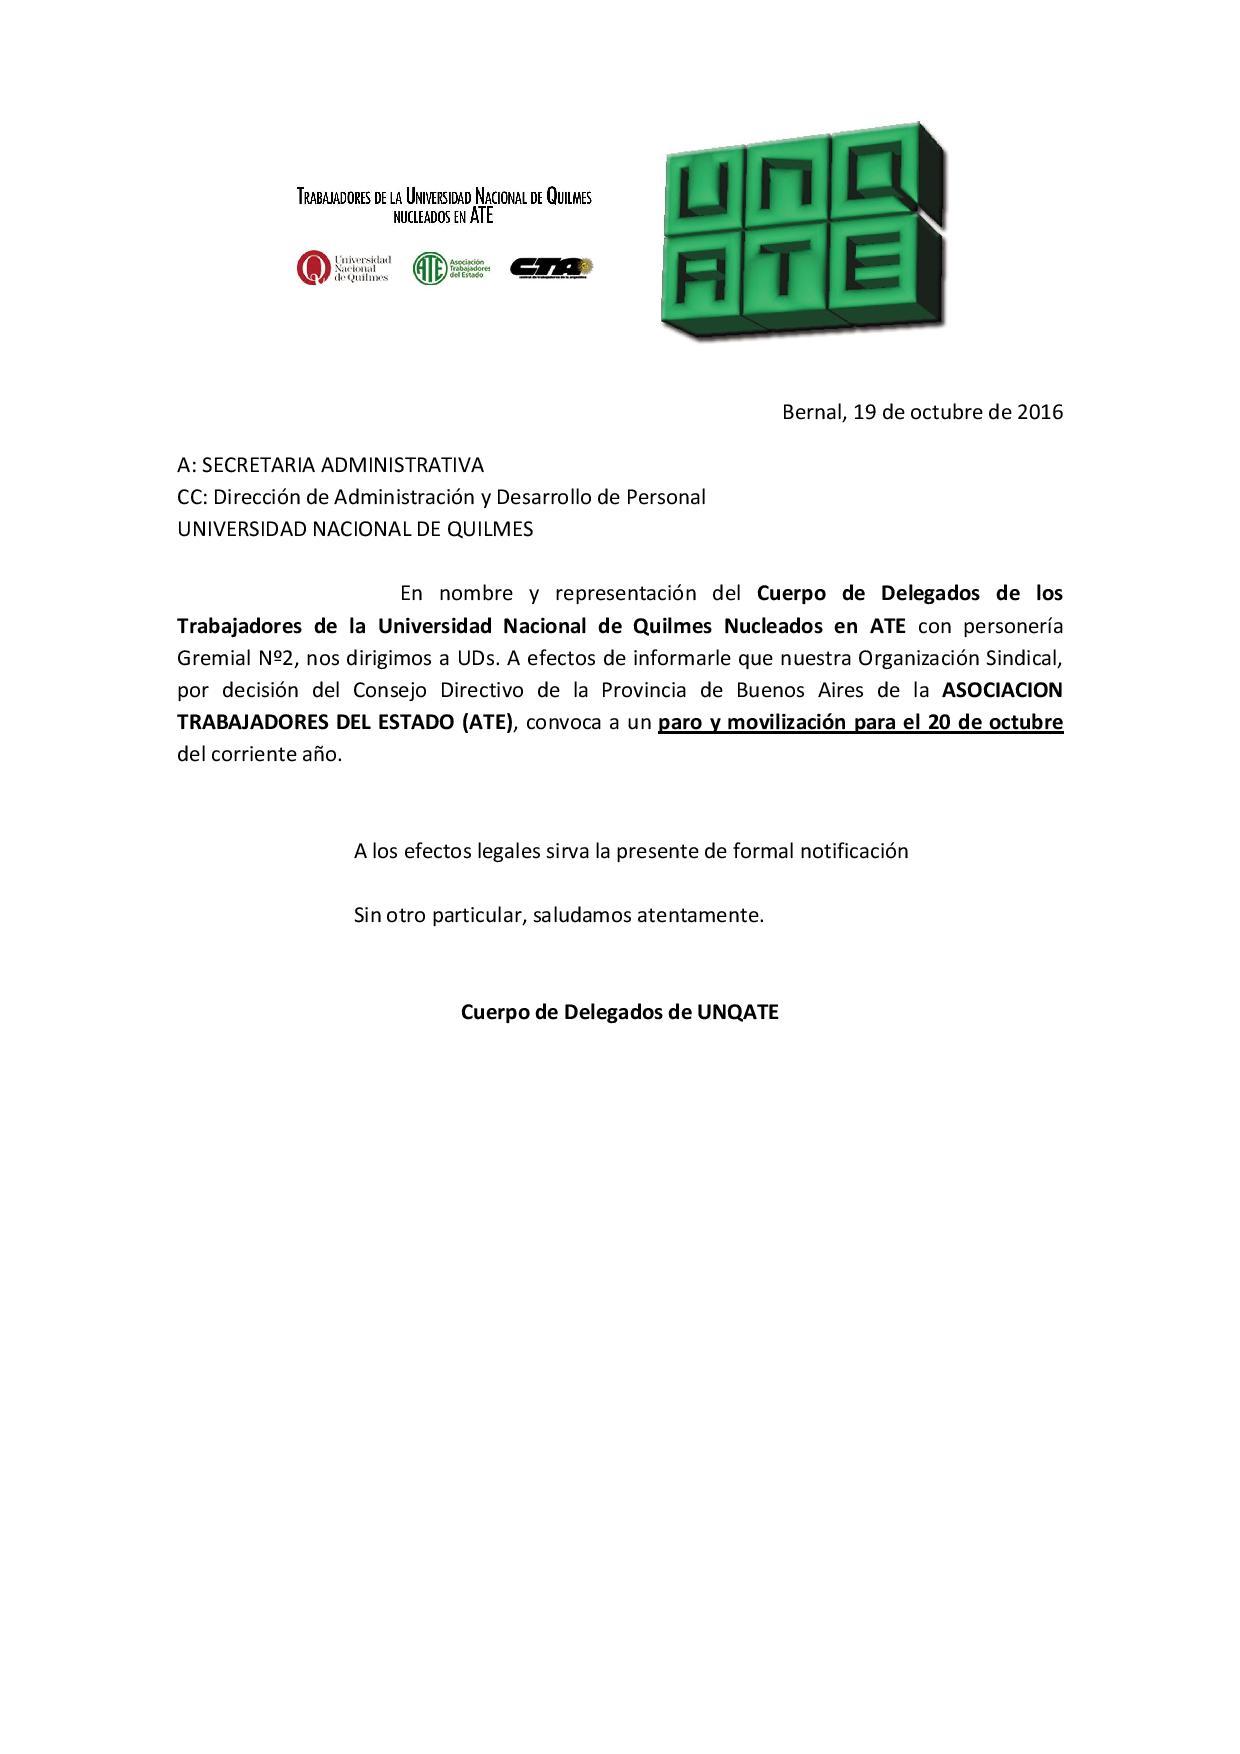 notificacion-paro-201016-page-001